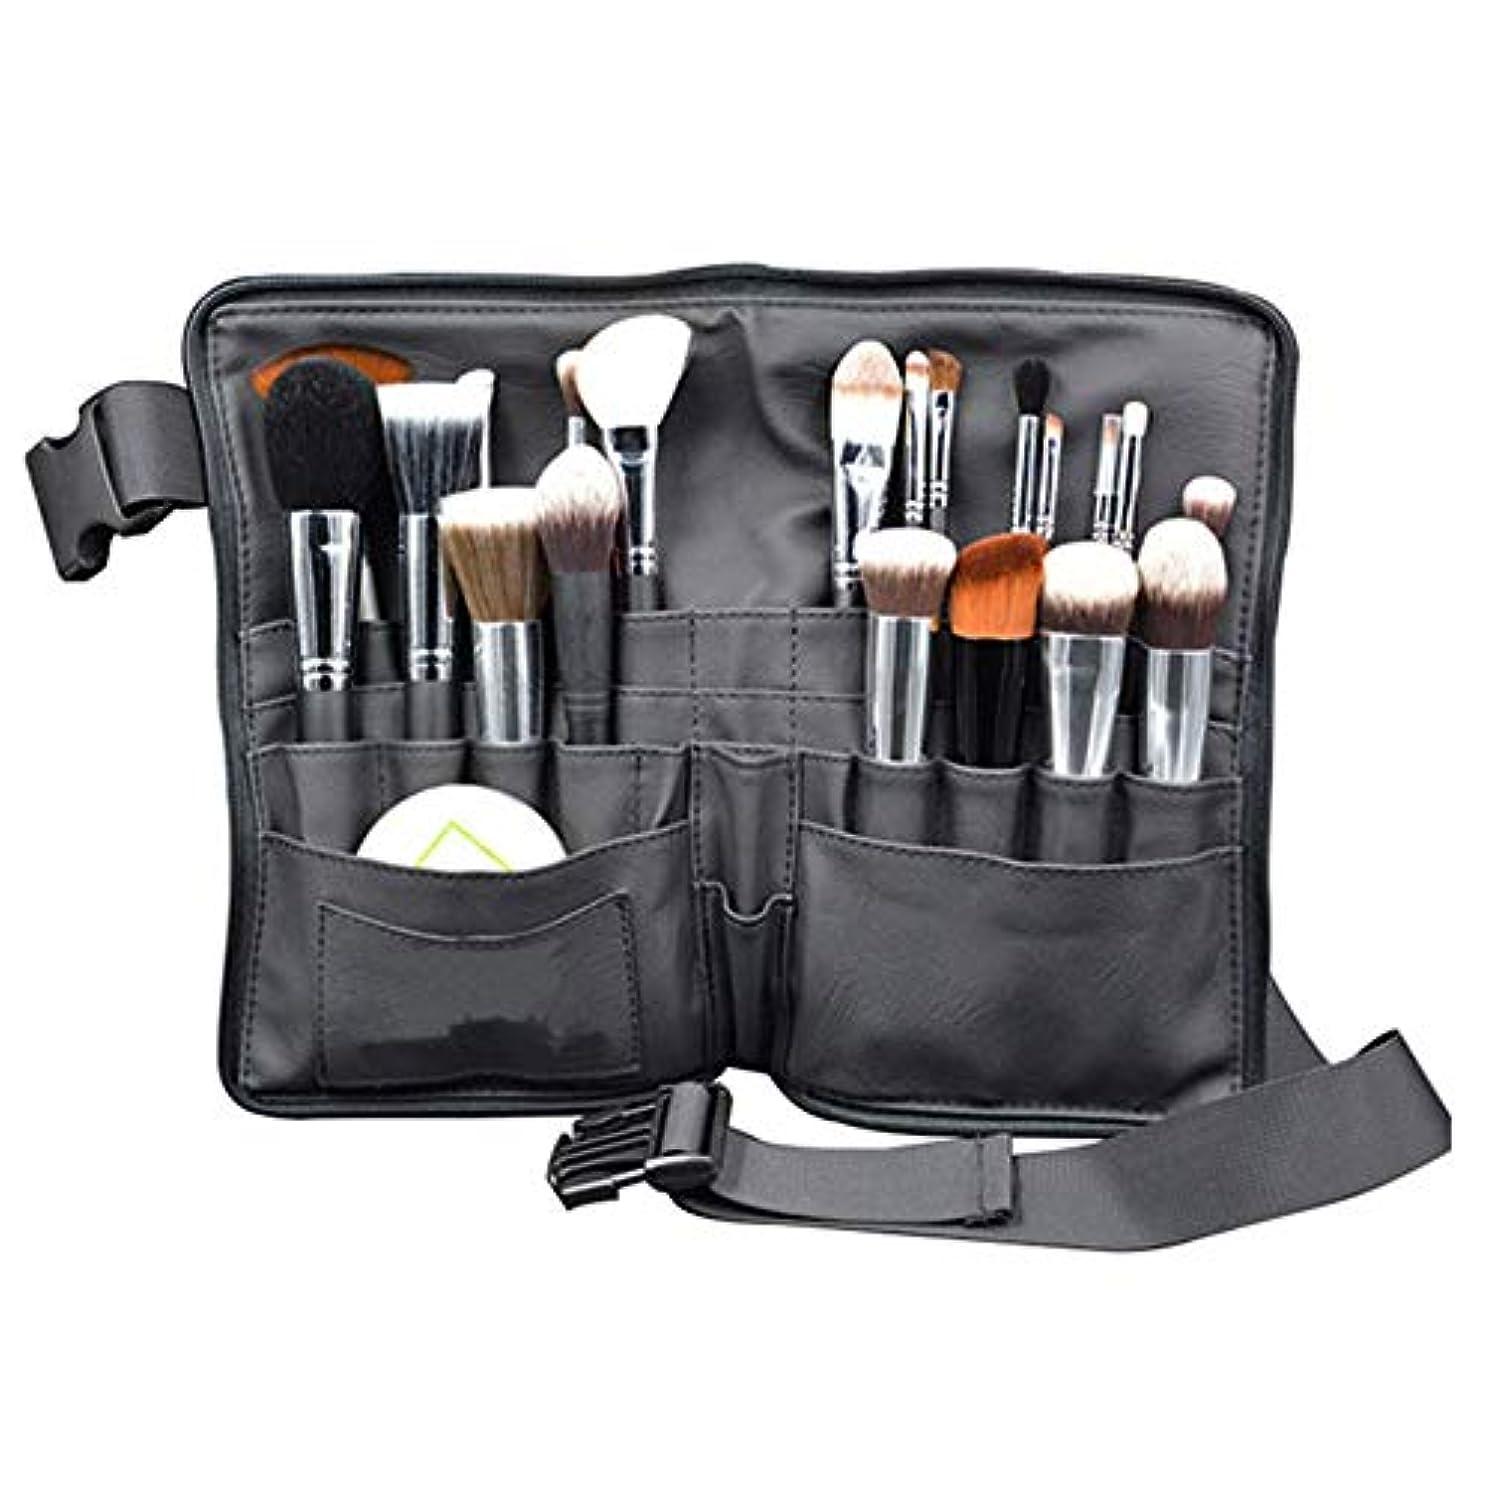 クレアプロテスタント音楽メイクブラシバッグ Akane プロ 化粧師 専用 ウエストポーチ 超大容量 全収納 便利 防水 収納 舞台 ブラック 化粧バッグ